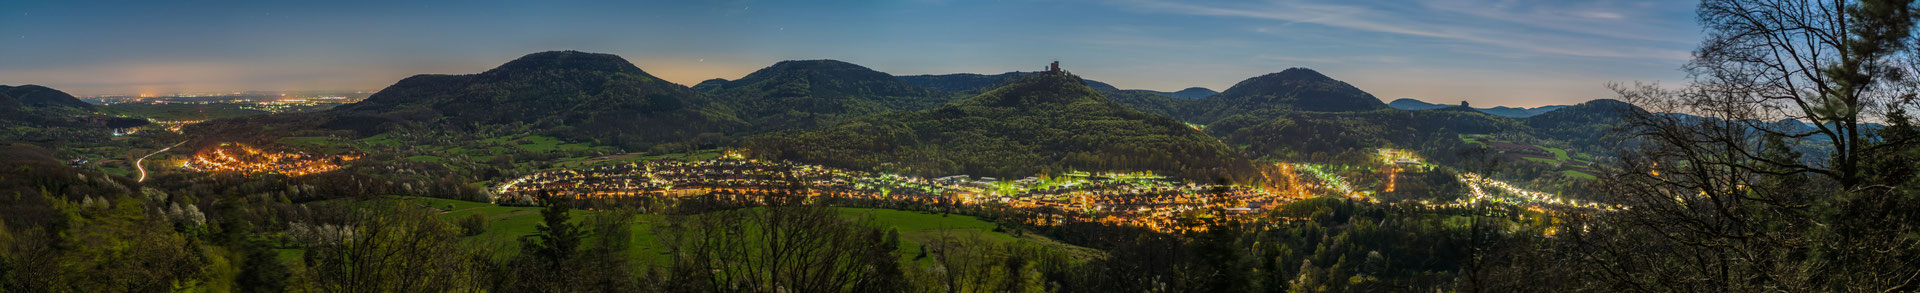 Überblick über das Queichtal, Annweiler und Trifels bei nächtlichem Vollmond